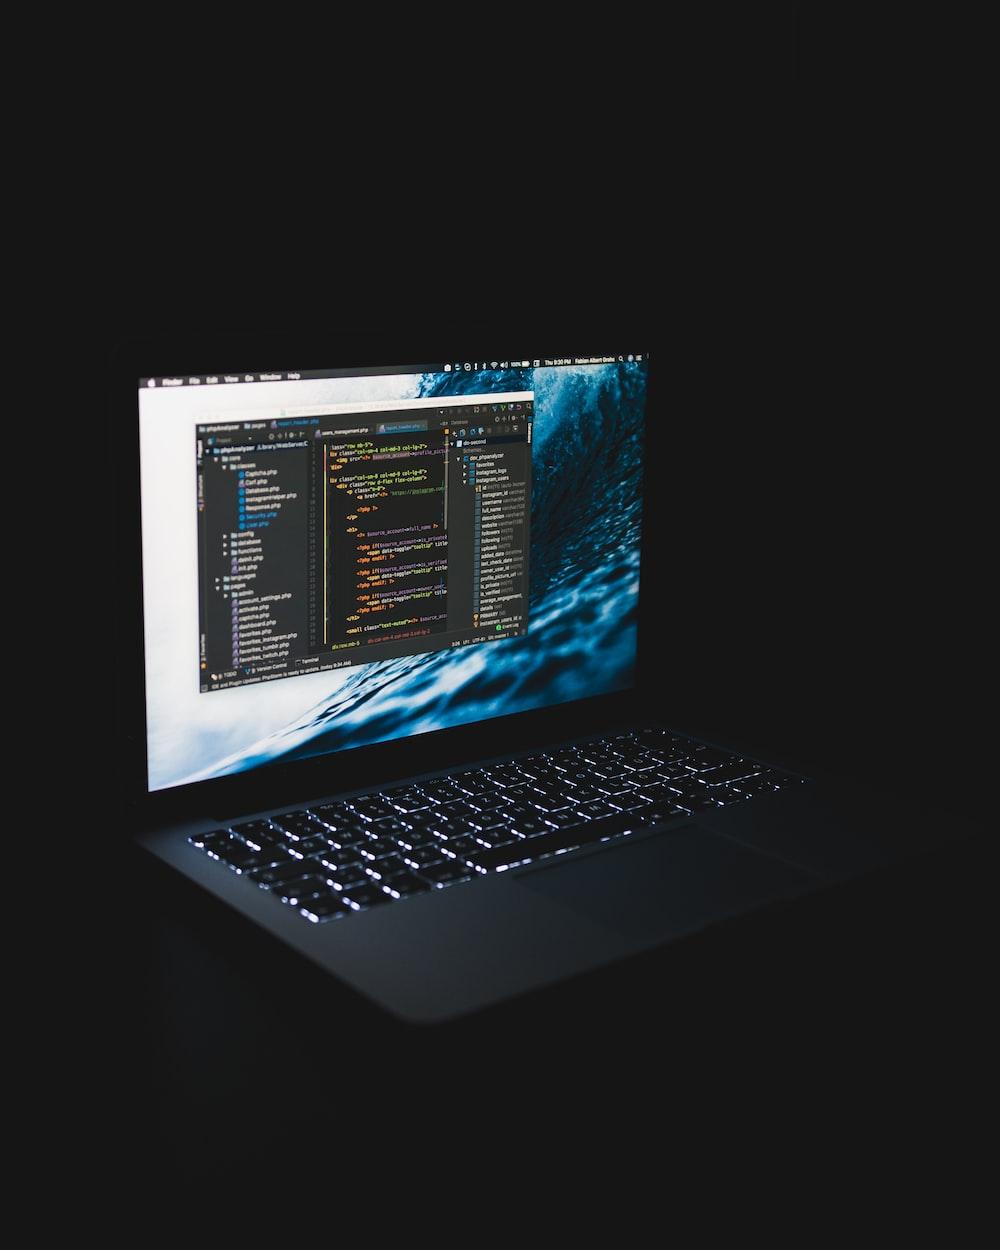 laptop computer turn on